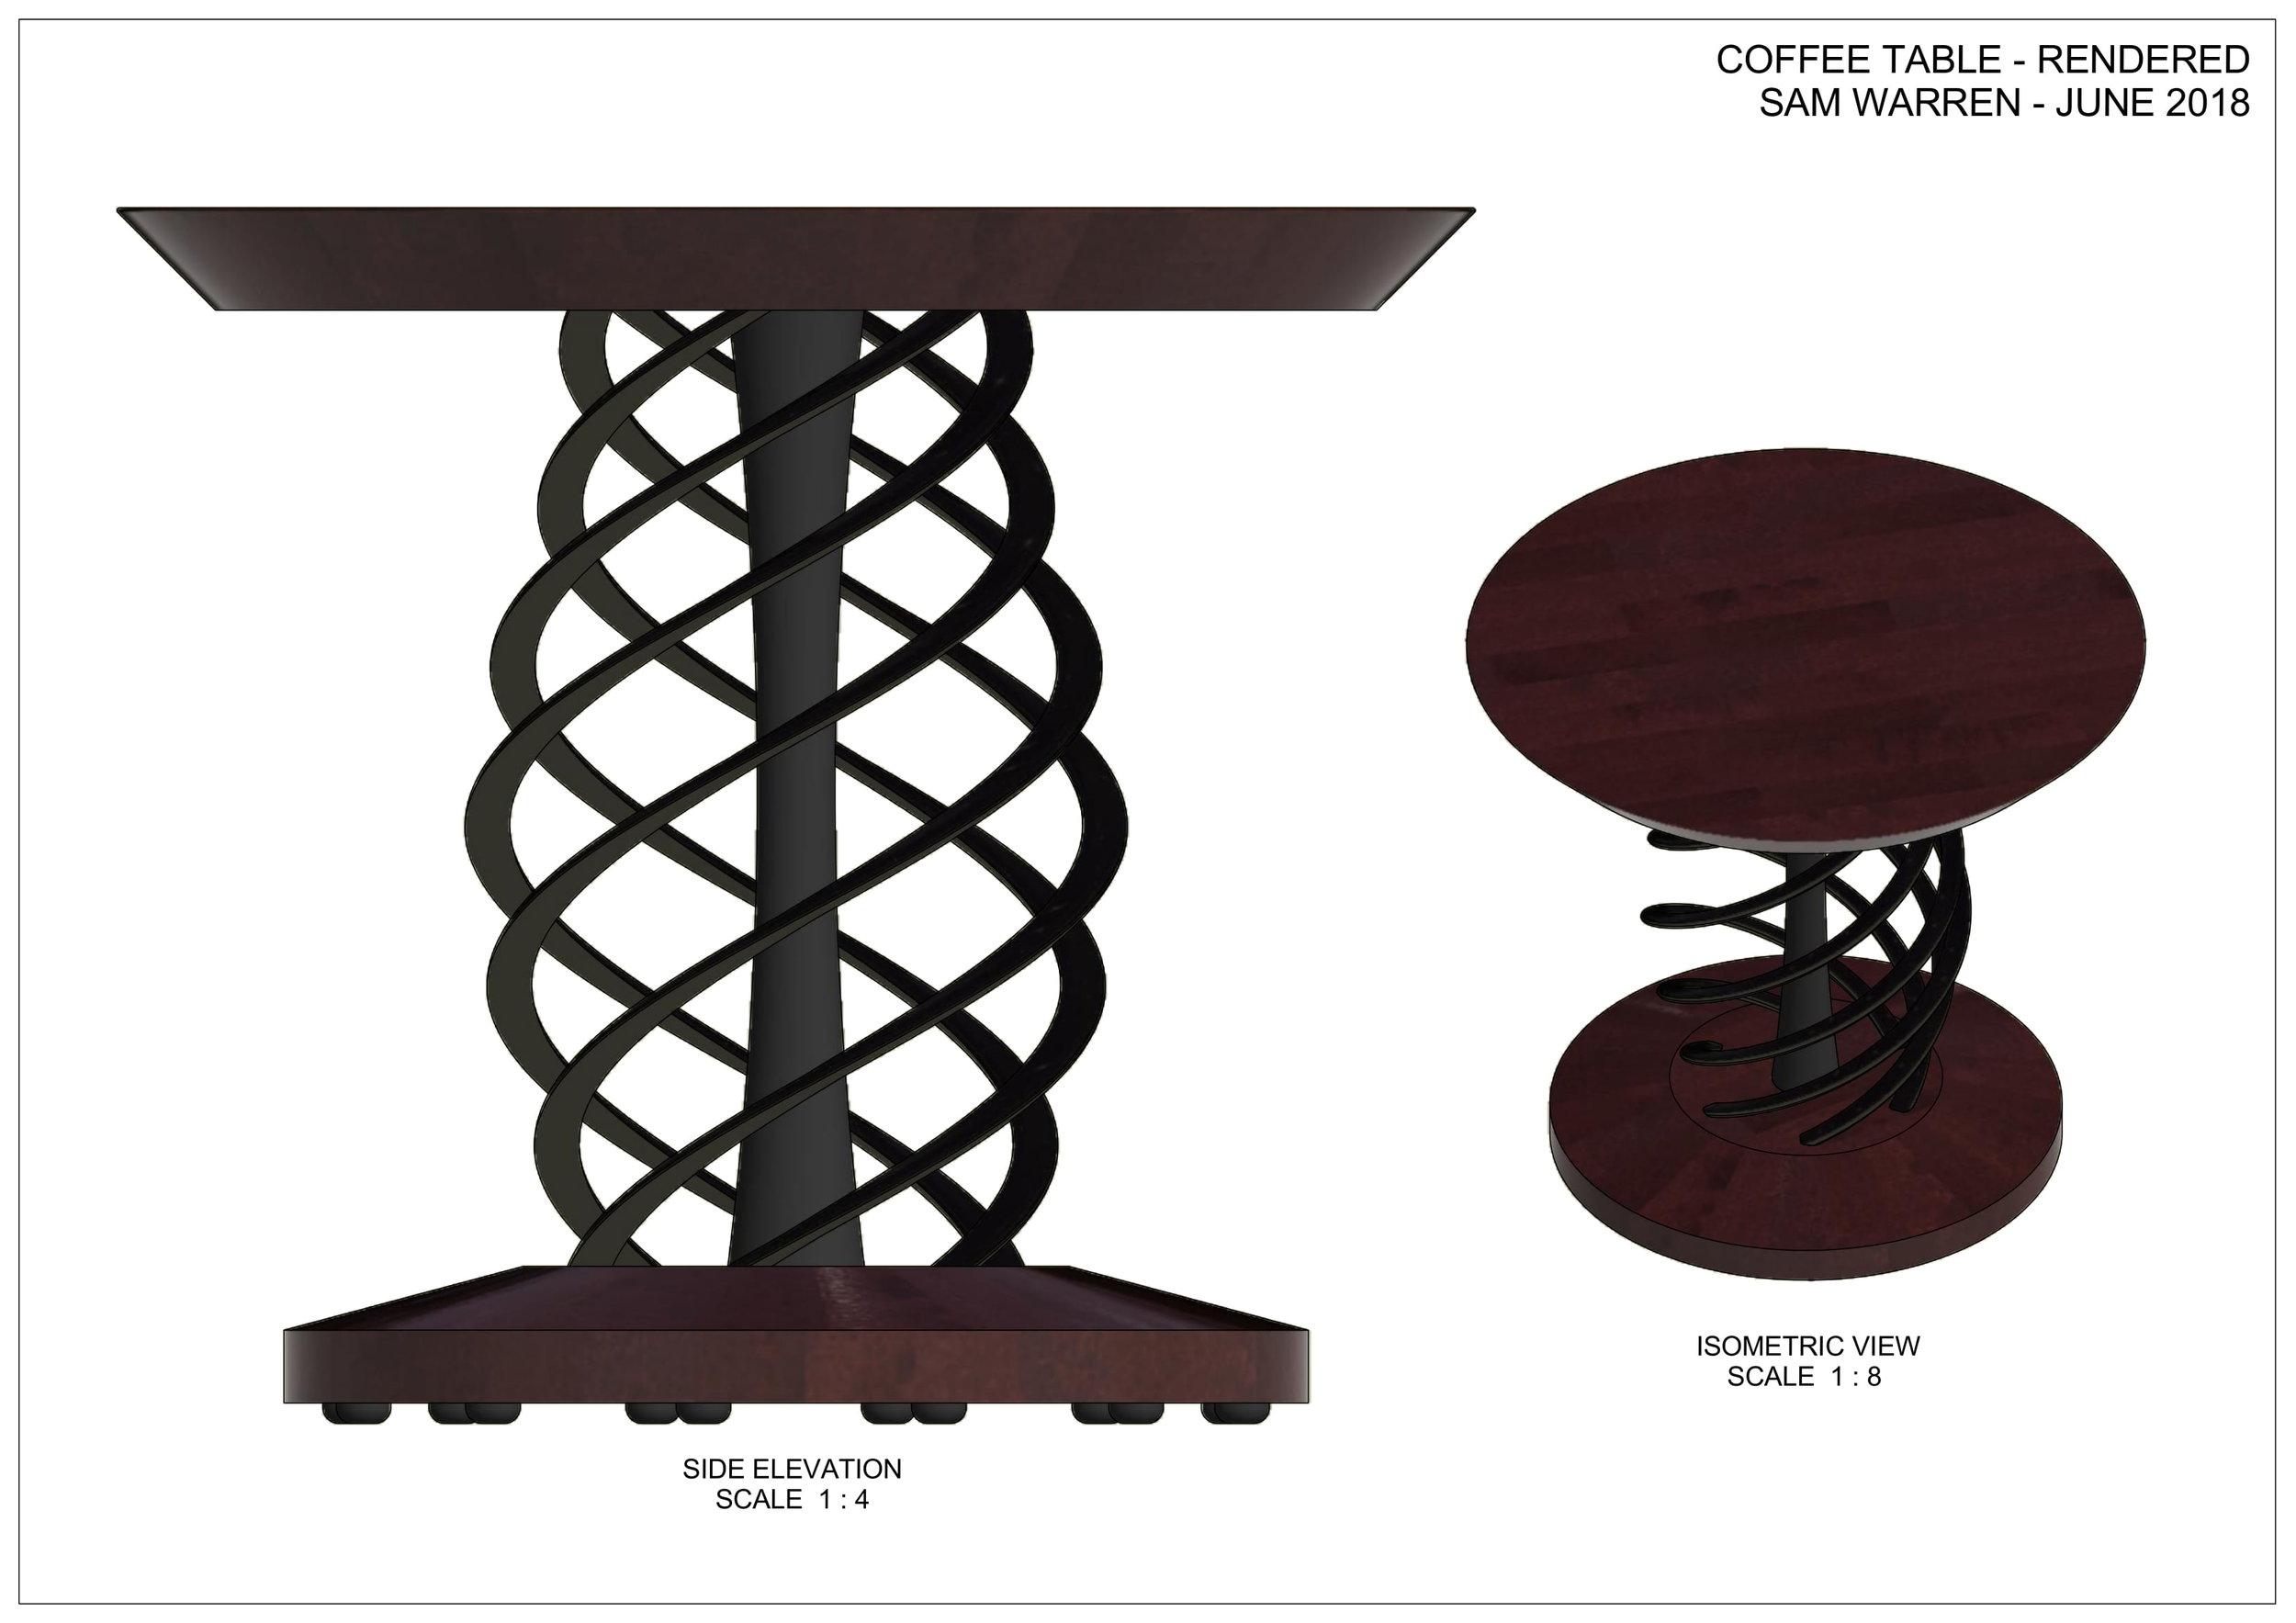 COFFEE TABLE - RENDERED-1.jpg